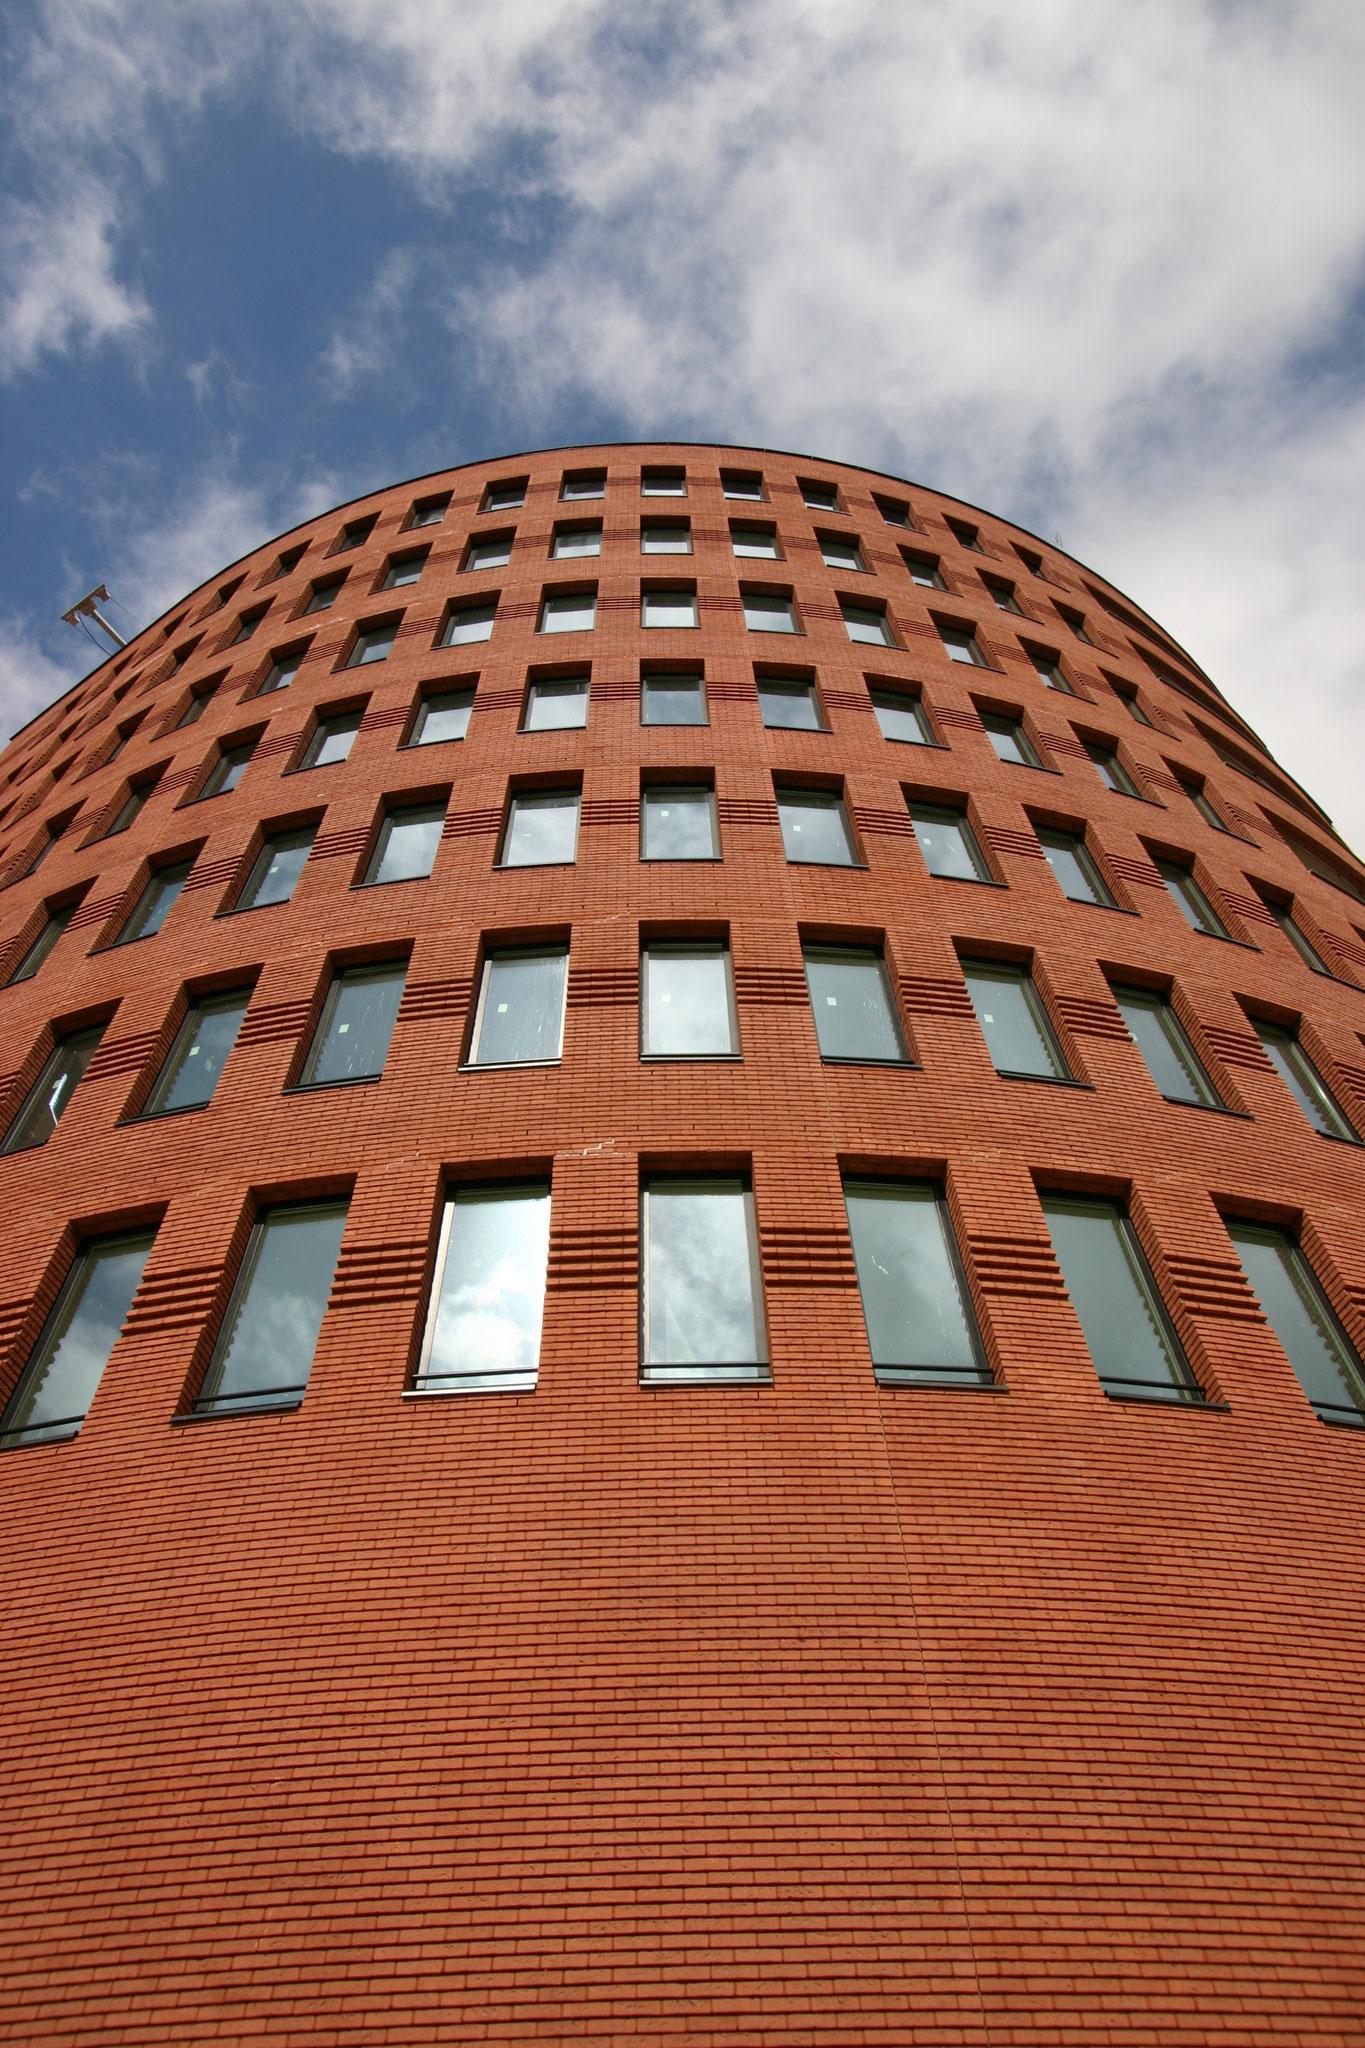 Nieuwbouw van 28 luxe appartementen ontworpen door Mario Botta. Werkzaamheden: Bouwkundig tekenwerk. Opdrachtgever: Meerschip projectontwikkeling B.V.